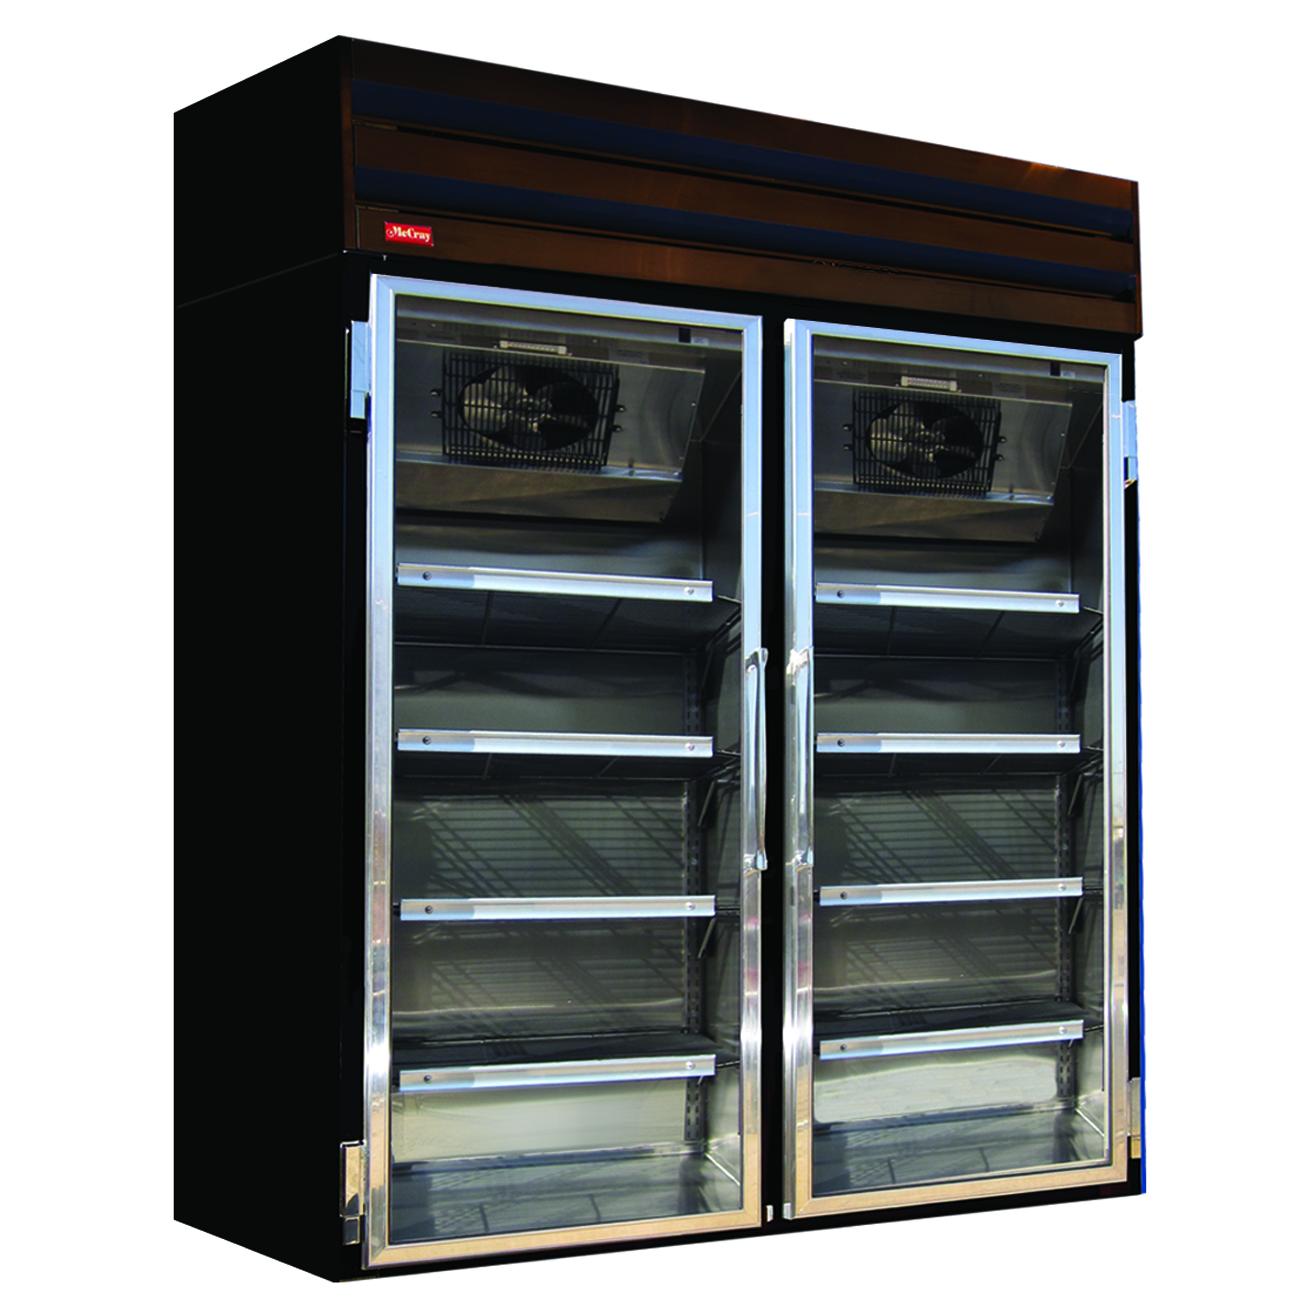 Howard-McCray GR48-B refrigerator, merchandiser